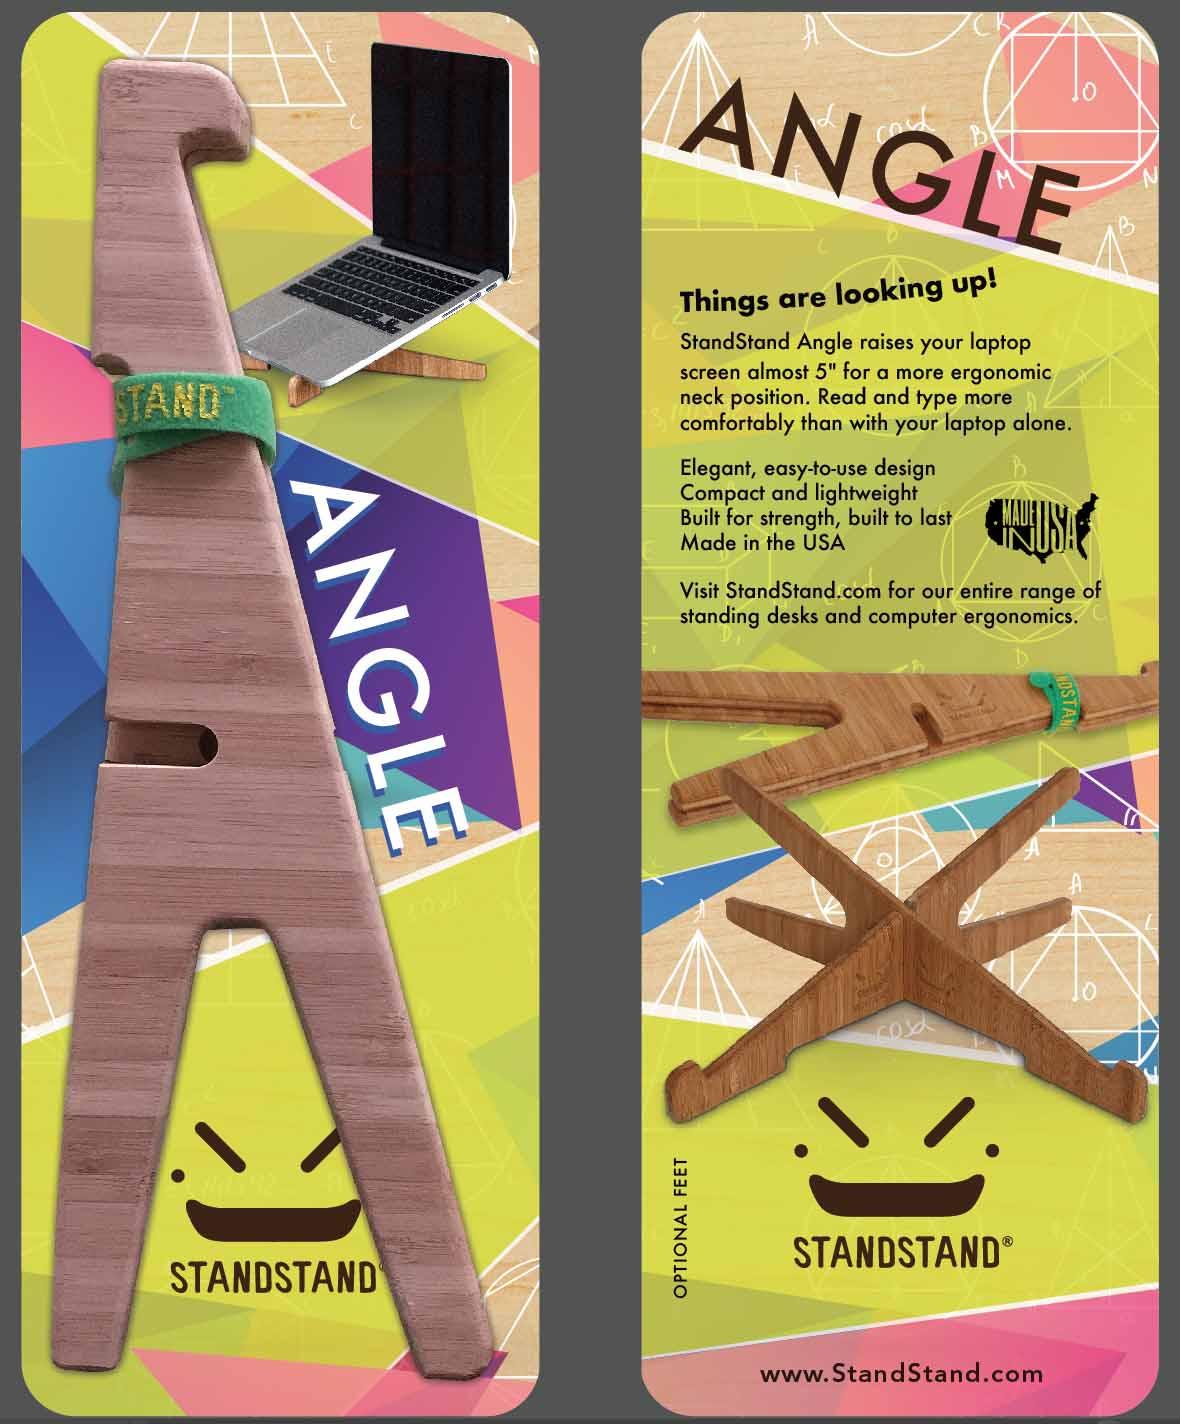 Angle5